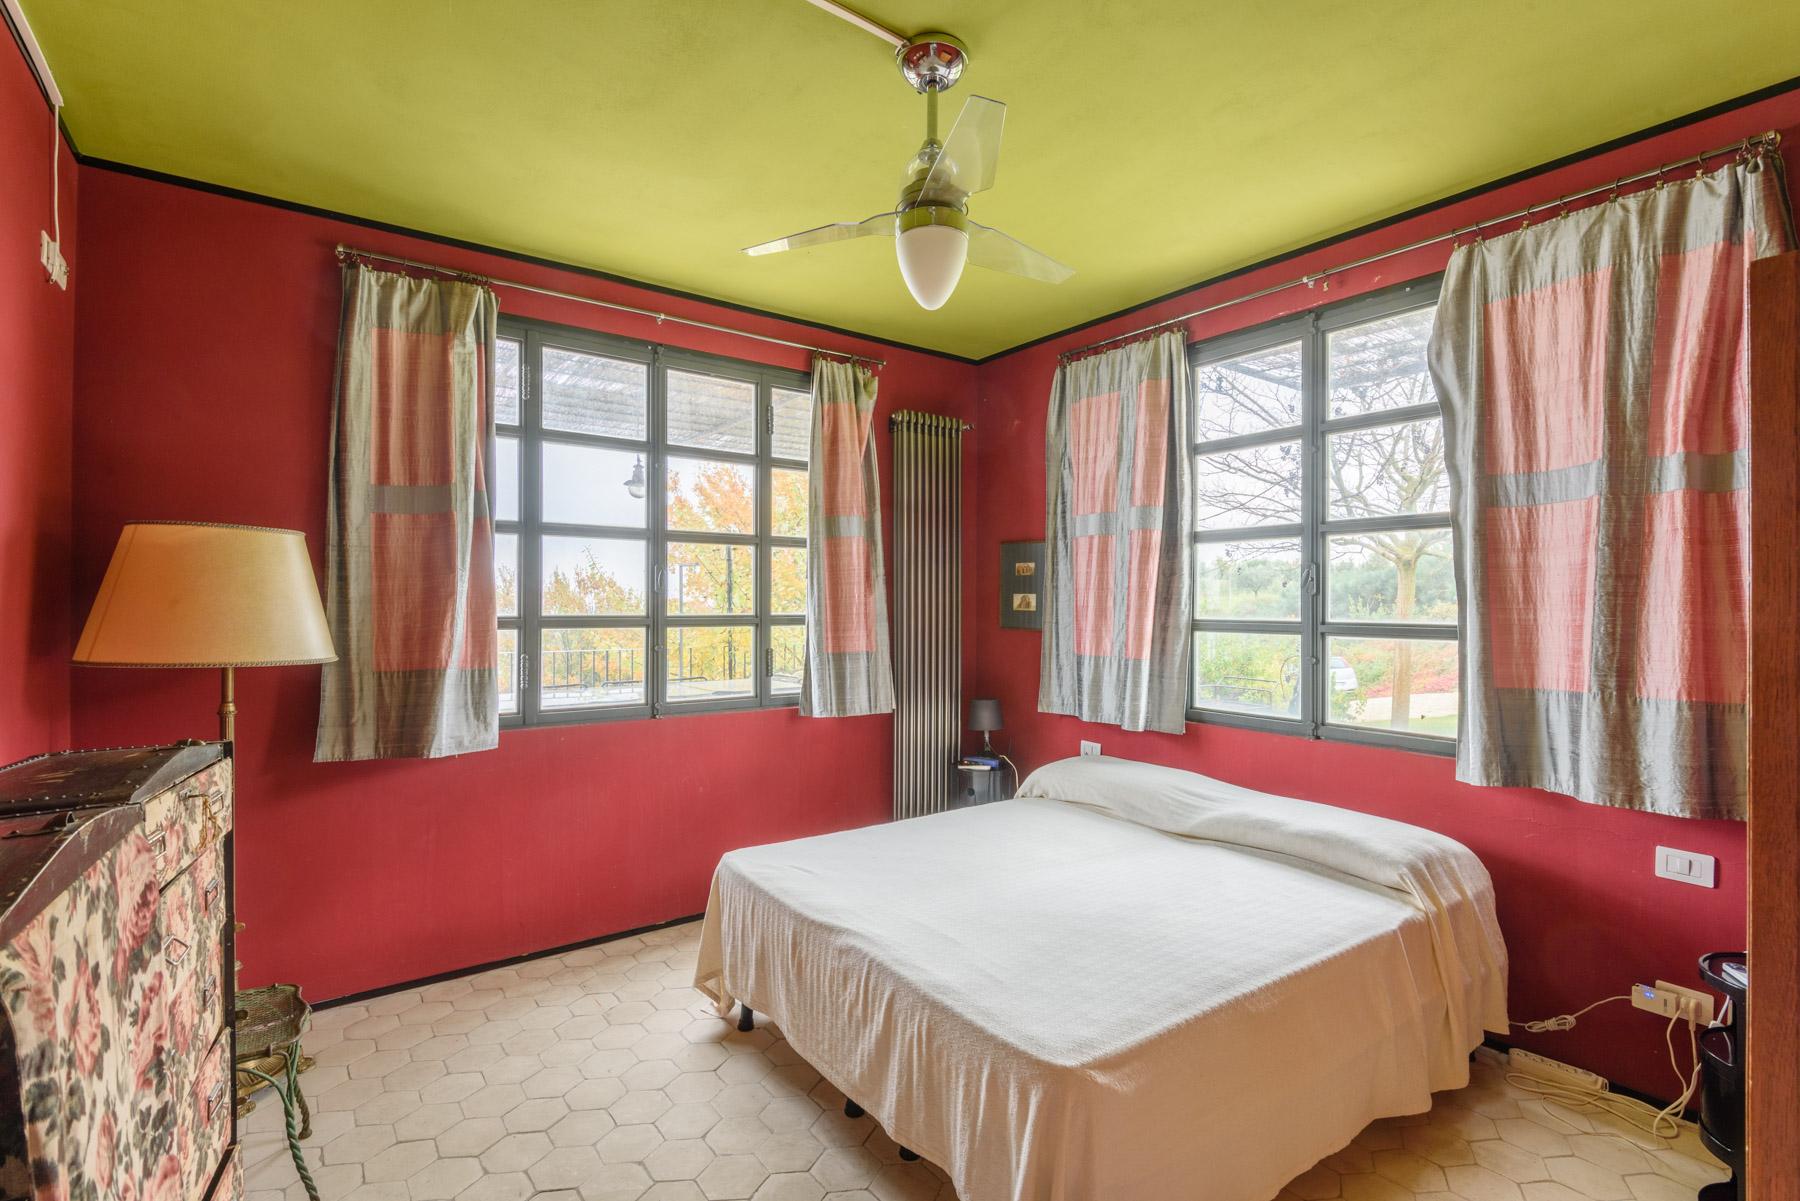 Villa in Vendita a Collazzone: 5 locali, 409 mq - Foto 8